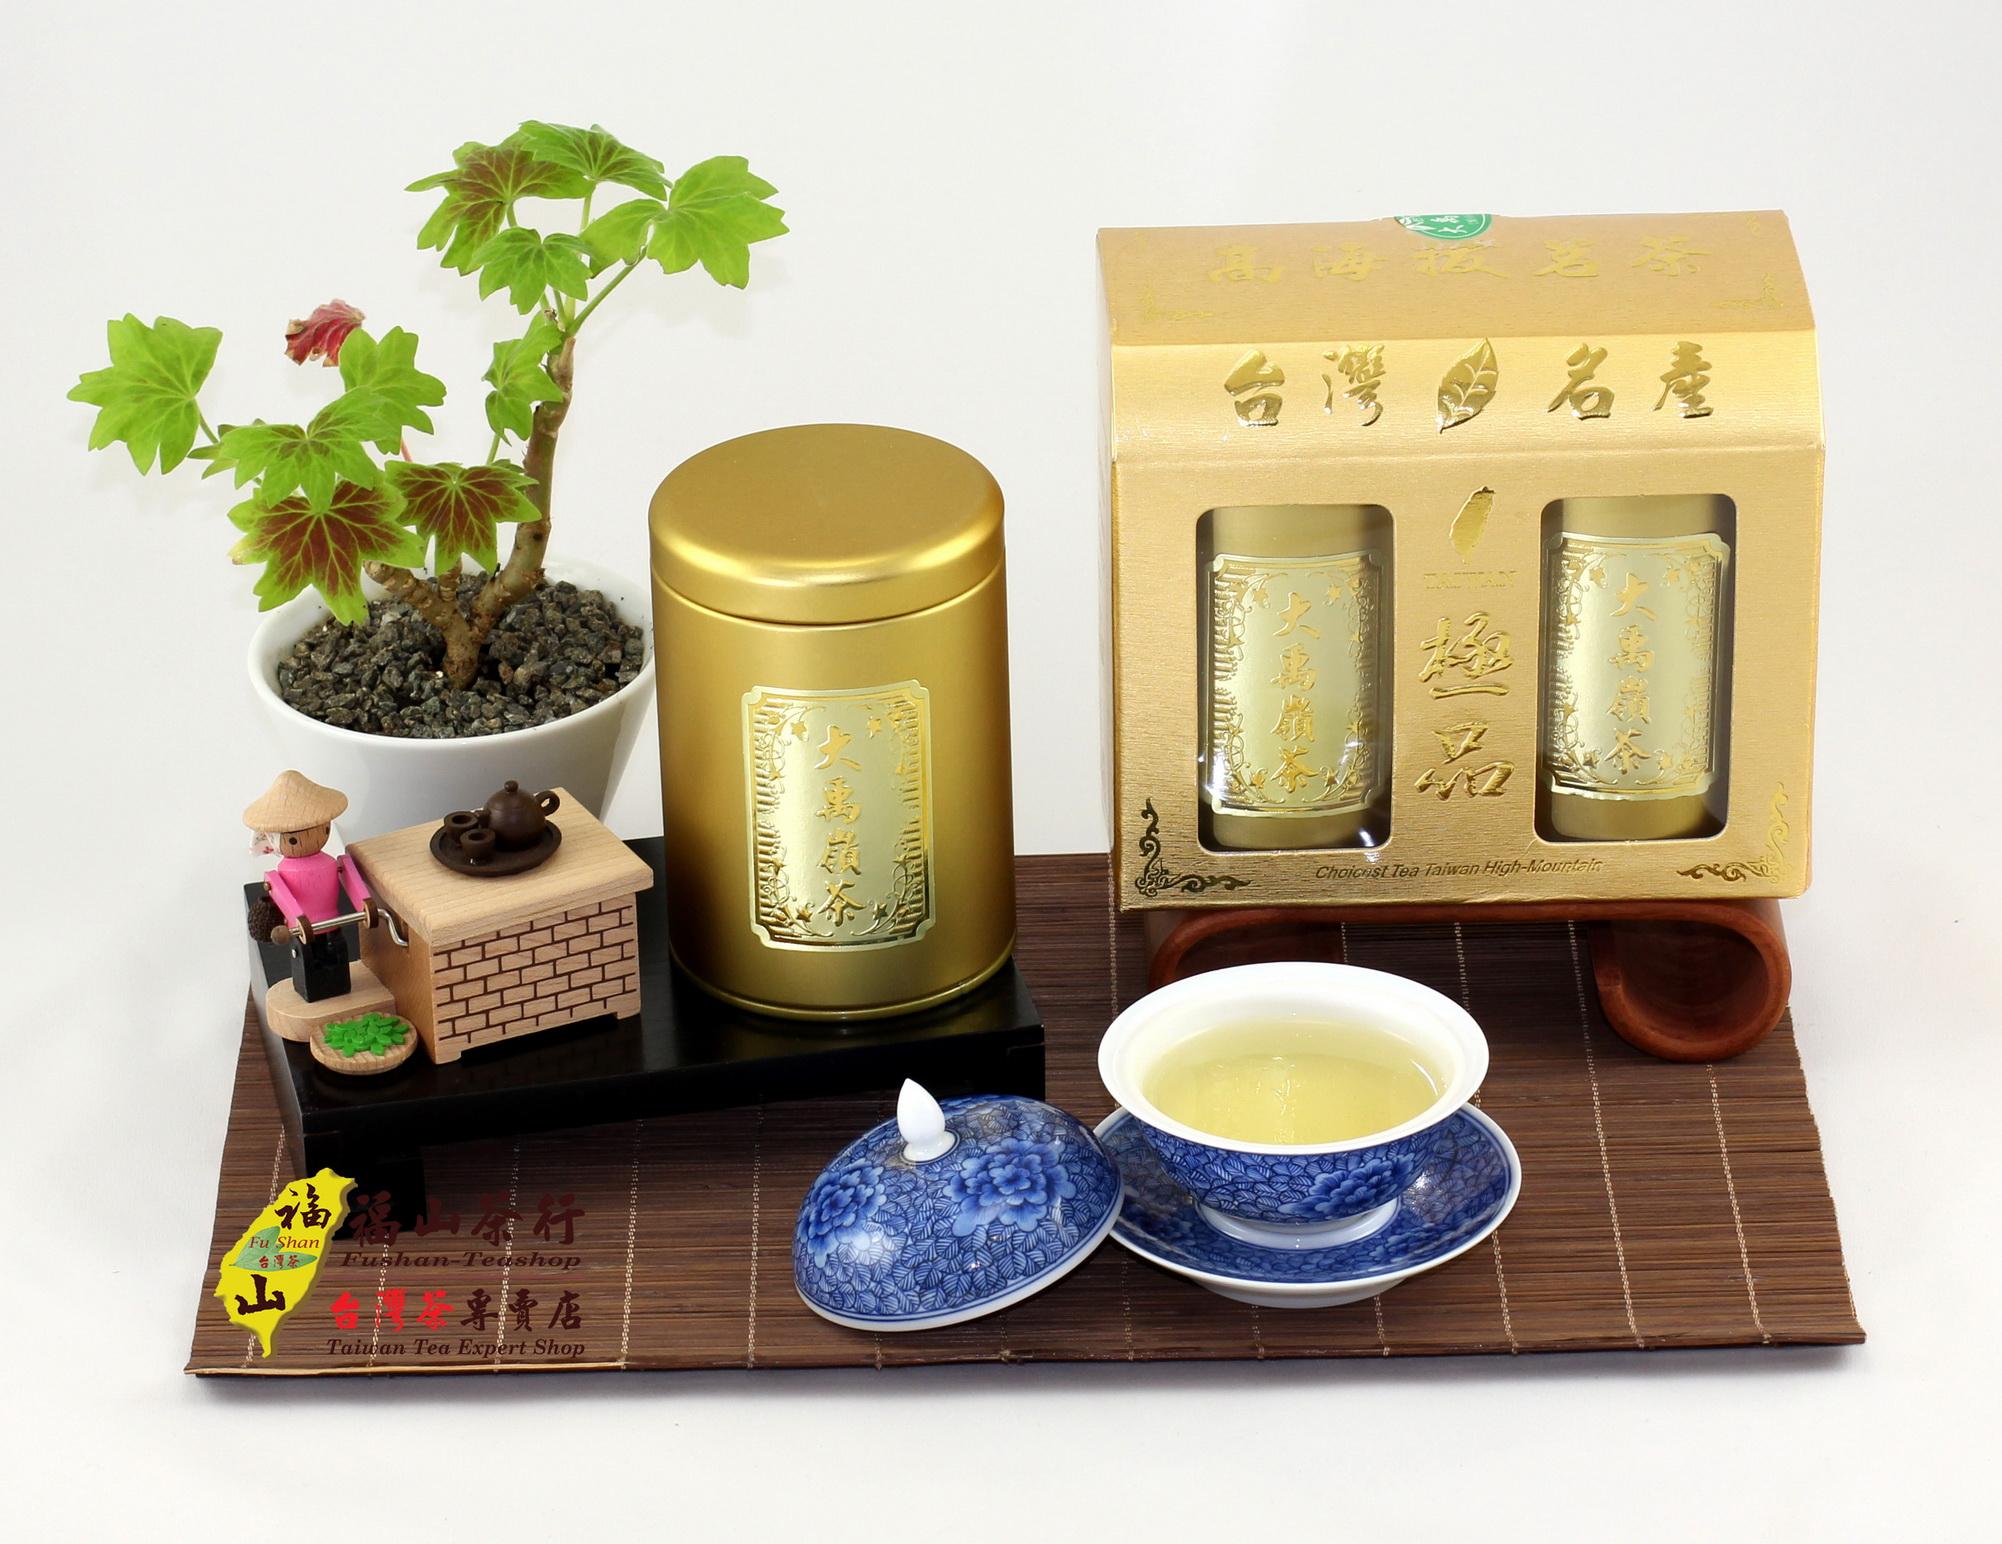 黃金大禹嶺茶1斤【清香型】